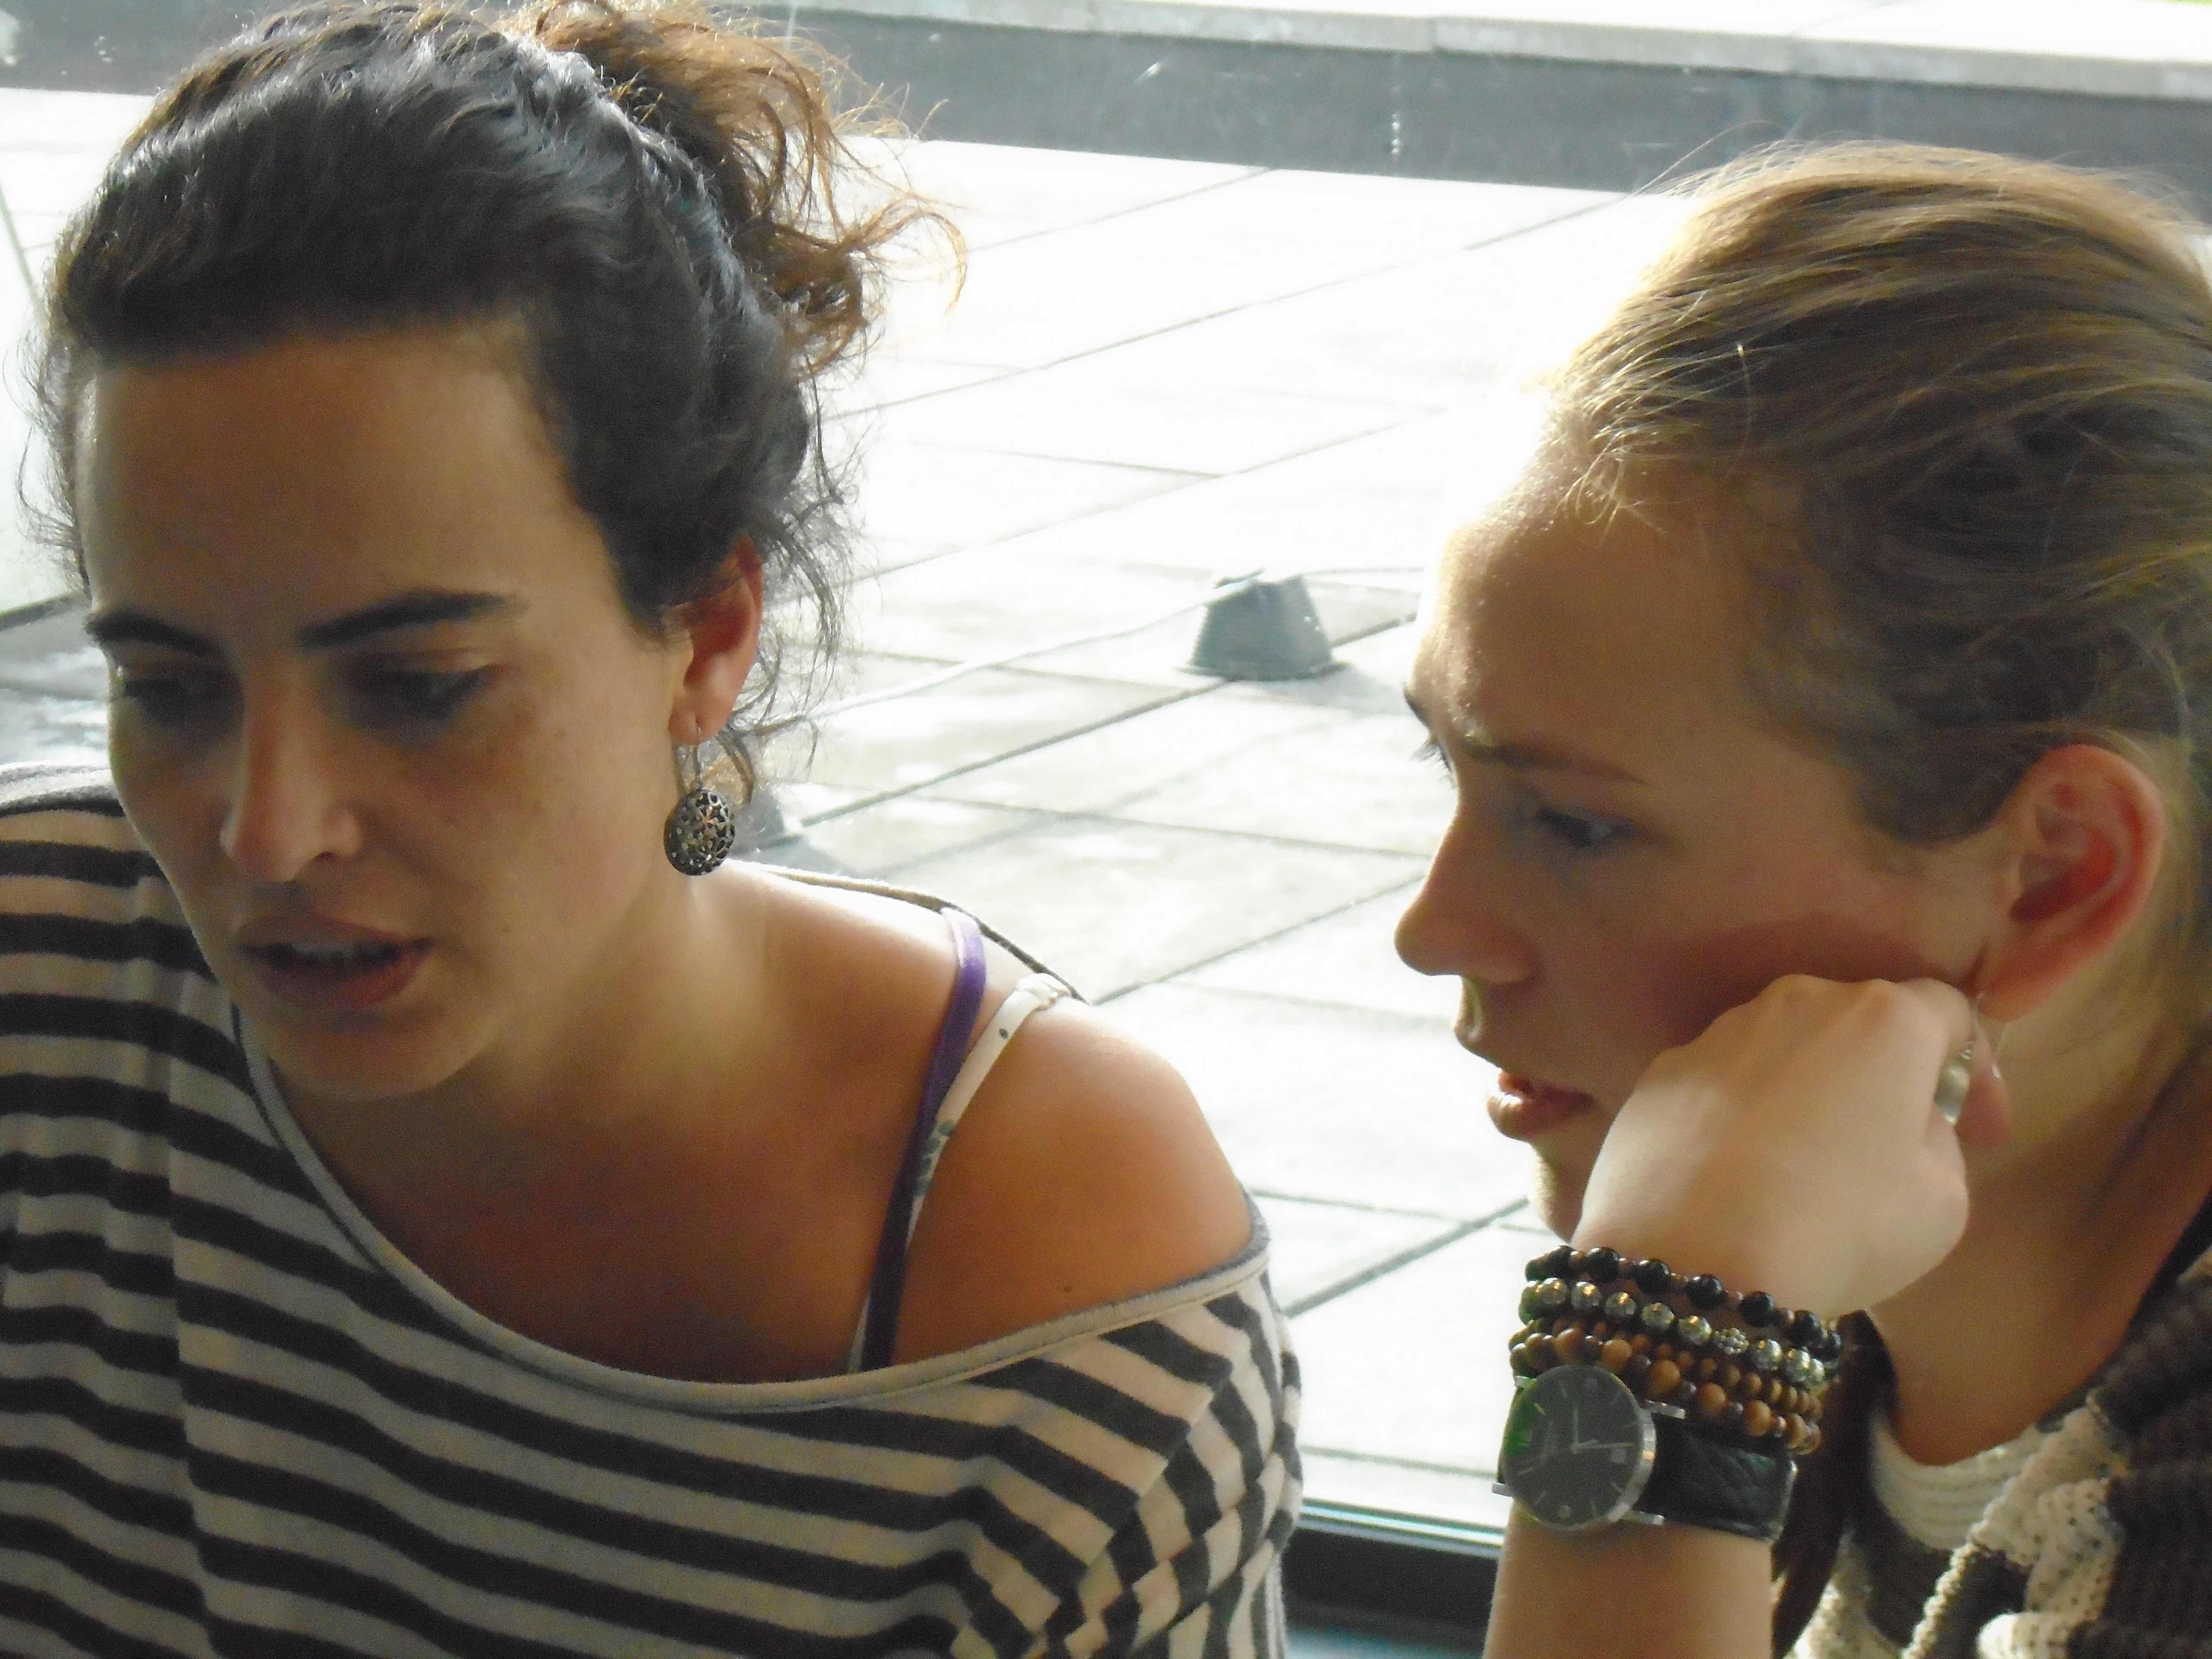 Irene and Tamara